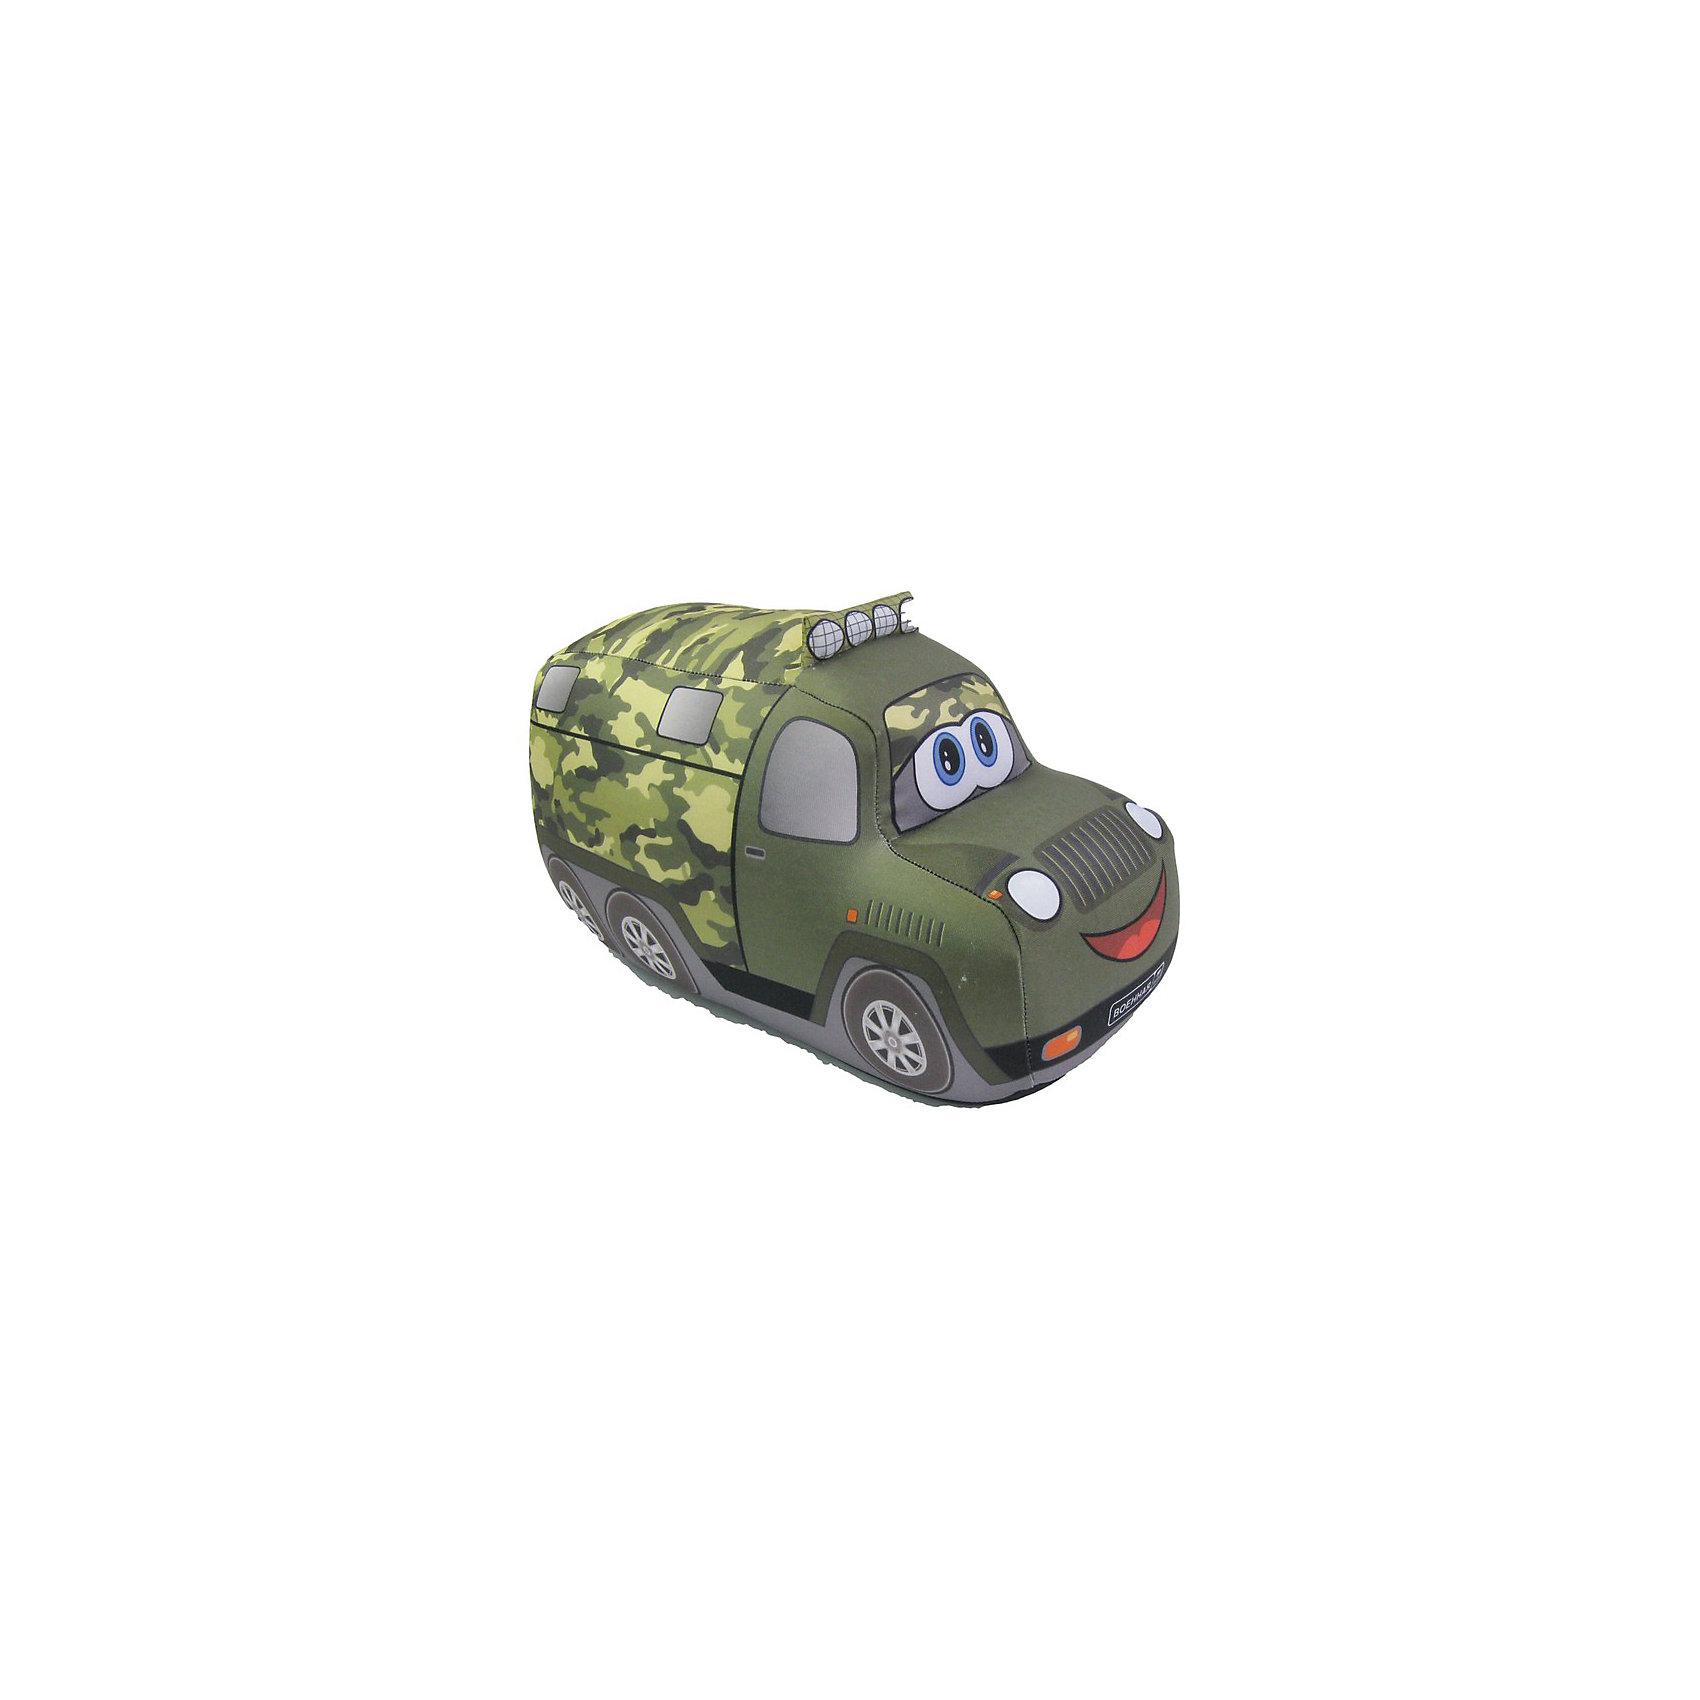 Служебная машина Д18, арт. 2820/ЗЛ/18Служебная машина Д18, арт. 2820/ЗЛ/18 – это подушка-игрушка, которая снимет напряжение и поднимет настроение.<br>Мягкая подушка-антистресс в виде военного грузовика, с которым так здорово играть, способна зарядить позитивом и стать аккумулятором хорошего настроения. Она очень эффектна и красива, и создает поистине волшебный релаксирующий эффект. Обшивка выполнена из высокопрочного полиэстера, обладающего повышенной эластичностью. Наполнитель - гранулы пищевого полистирола, диаметр шариков - менее миллиметра. Подушка приятна на ощупь, легка, упруга и всегда хорошо выглядит: как бы сильно ребенок не сжимал ее, она неизменно возвращается в первоначальную форму. Это идеальный рецепт хорошего настроения! Она подходит абсолютно всем, поскольку не вызывают аллергии. Оригинальный стиль и великолепное качество исполнения делают эту подушку-игрушку чудесным подарком к любому празднику.<br><br>Дополнительная информация:<br><br>- Материал верха: высокопрочный полиэстер<br>- Наполнитель: гранулы полистирола<br>- Цвет: зеленый<br>- Размер: 18 см.<br>- Вес: 60 гр.<br><br>Игрушку-антистресс Служебная машина Д18, арт. 2820/ЗЛ/18 можно купить в нашем интернет-магазине.<br><br>Ширина мм: 180<br>Глубина мм: 110<br>Высота мм: 120<br>Вес г: 60<br>Возраст от месяцев: 36<br>Возраст до месяцев: 2147483647<br>Пол: Унисекс<br>Возраст: Детский<br>SKU: 4441603